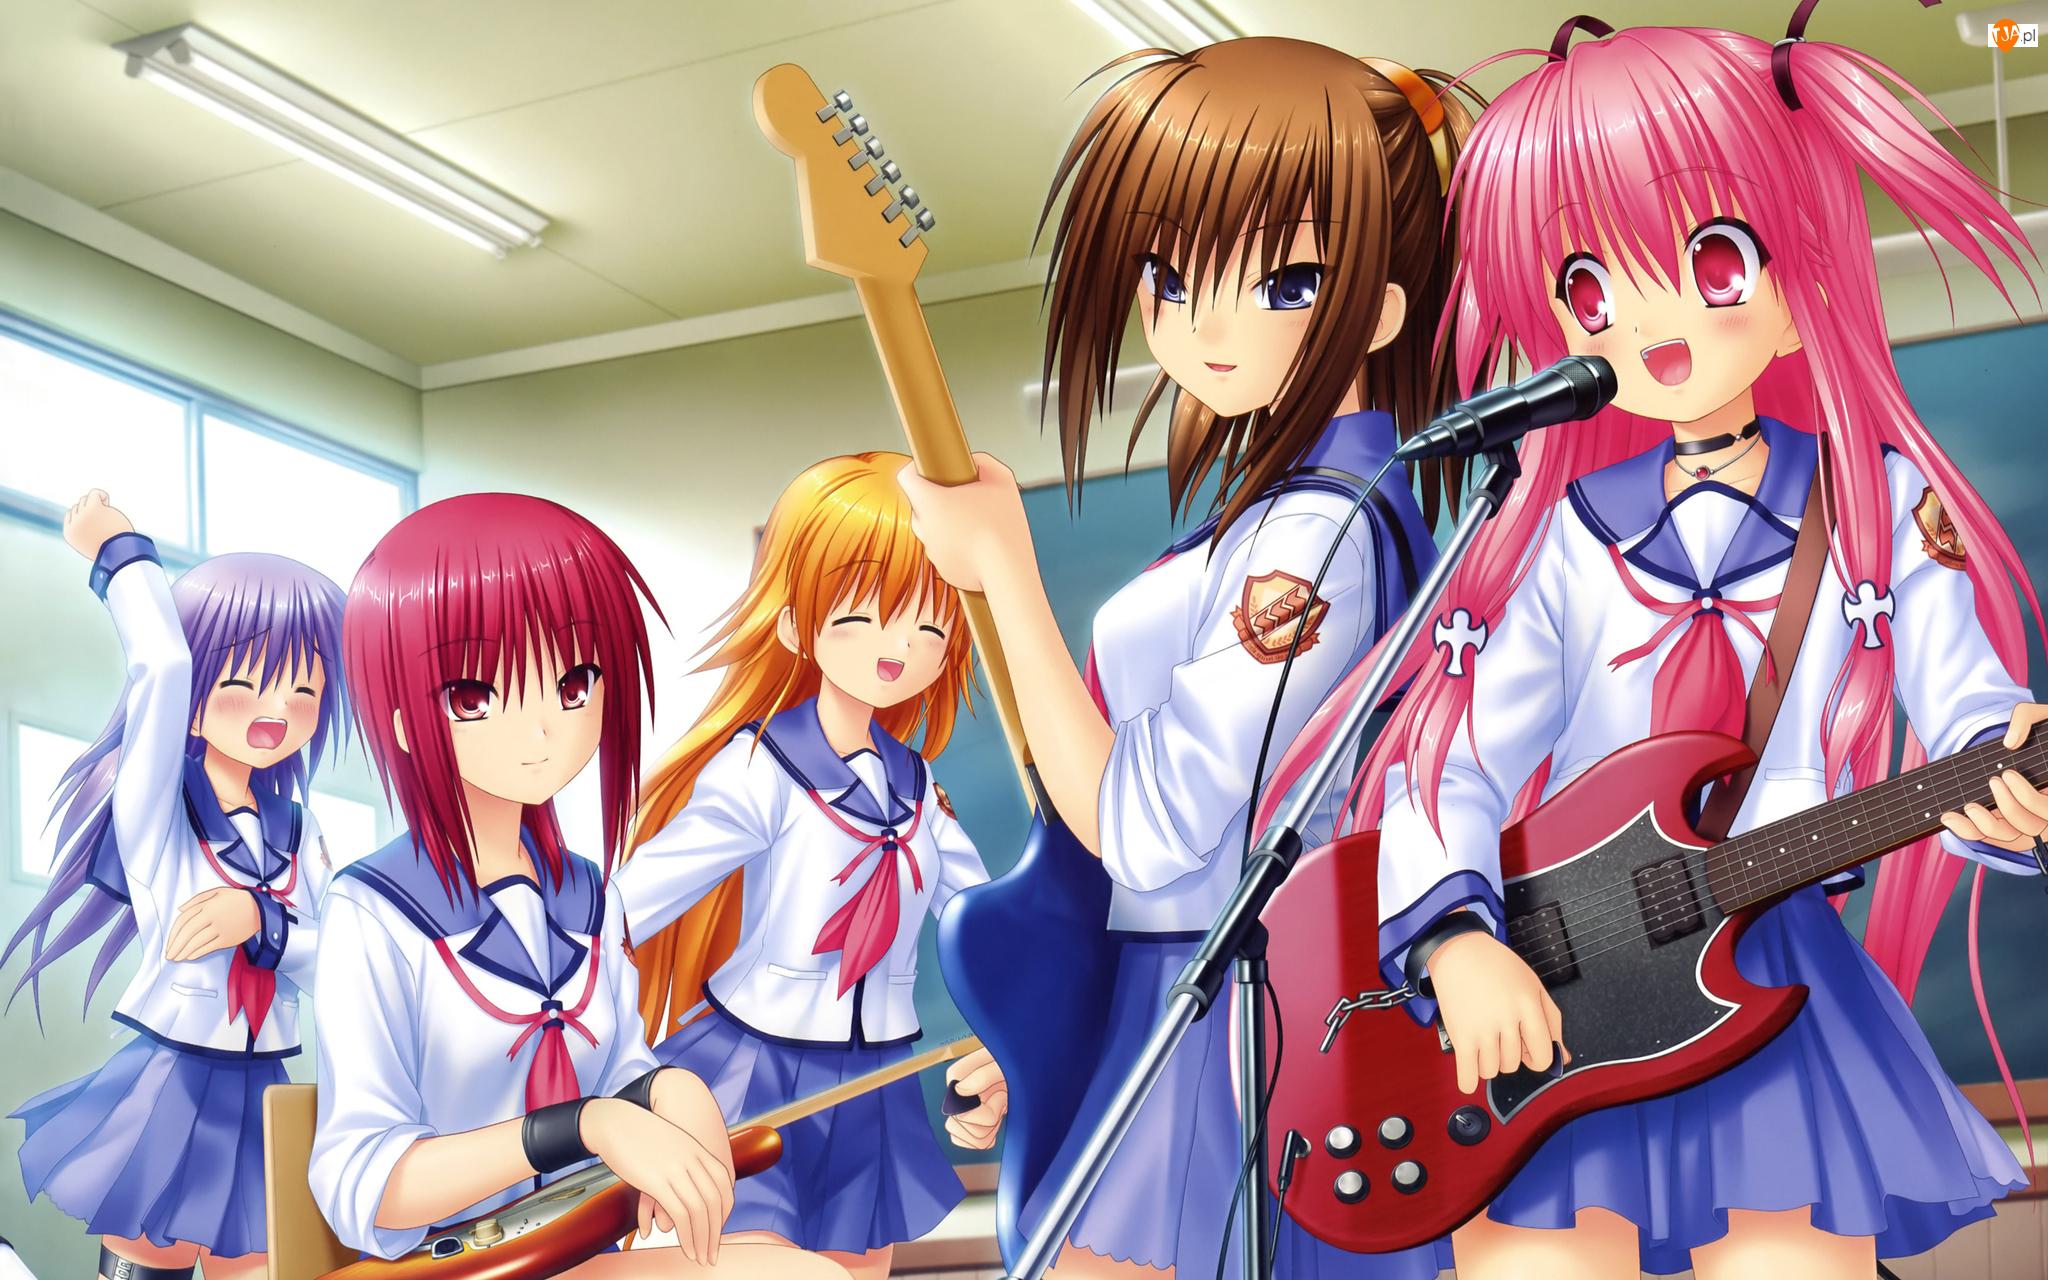 Mikrofon, Angel Beats, Gitary, Zespół, Muzyka, Szkoła, Klasa, Anime, Dziewczyny